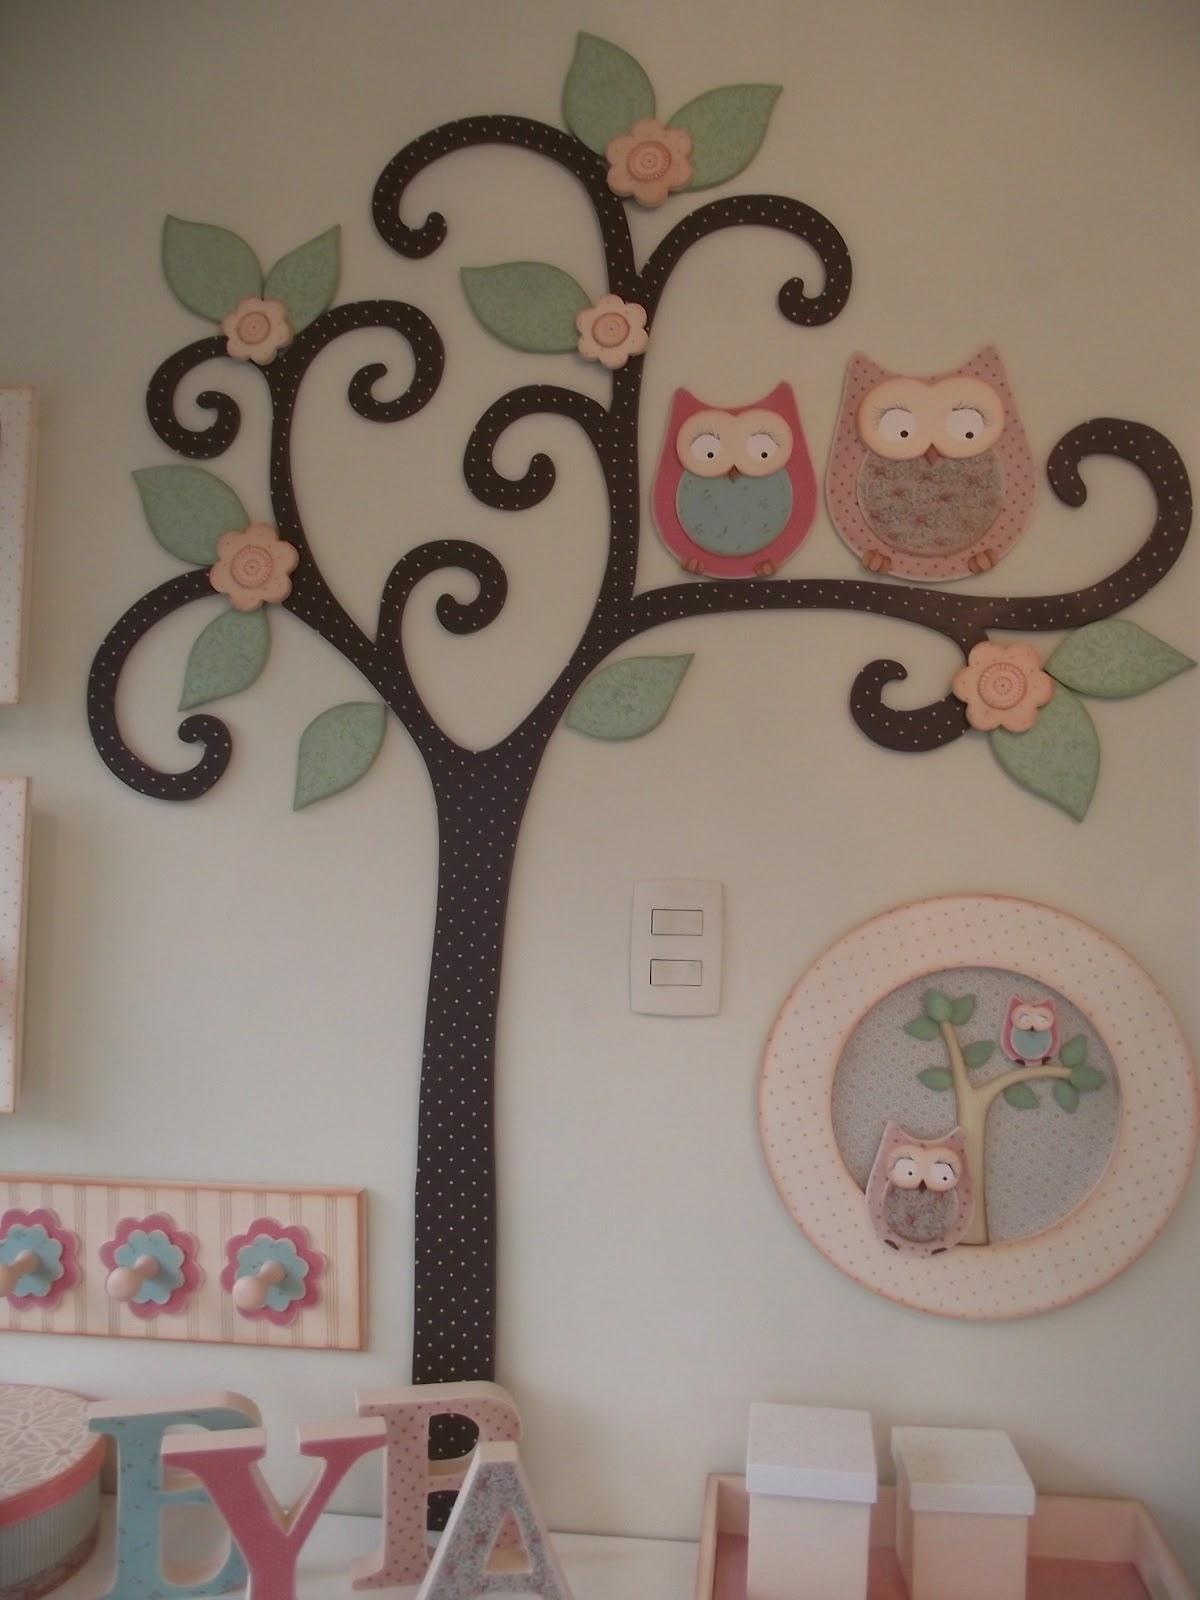 decoracao alternativa de quarto infantil:quarta-feira, 25 de julho de 2012